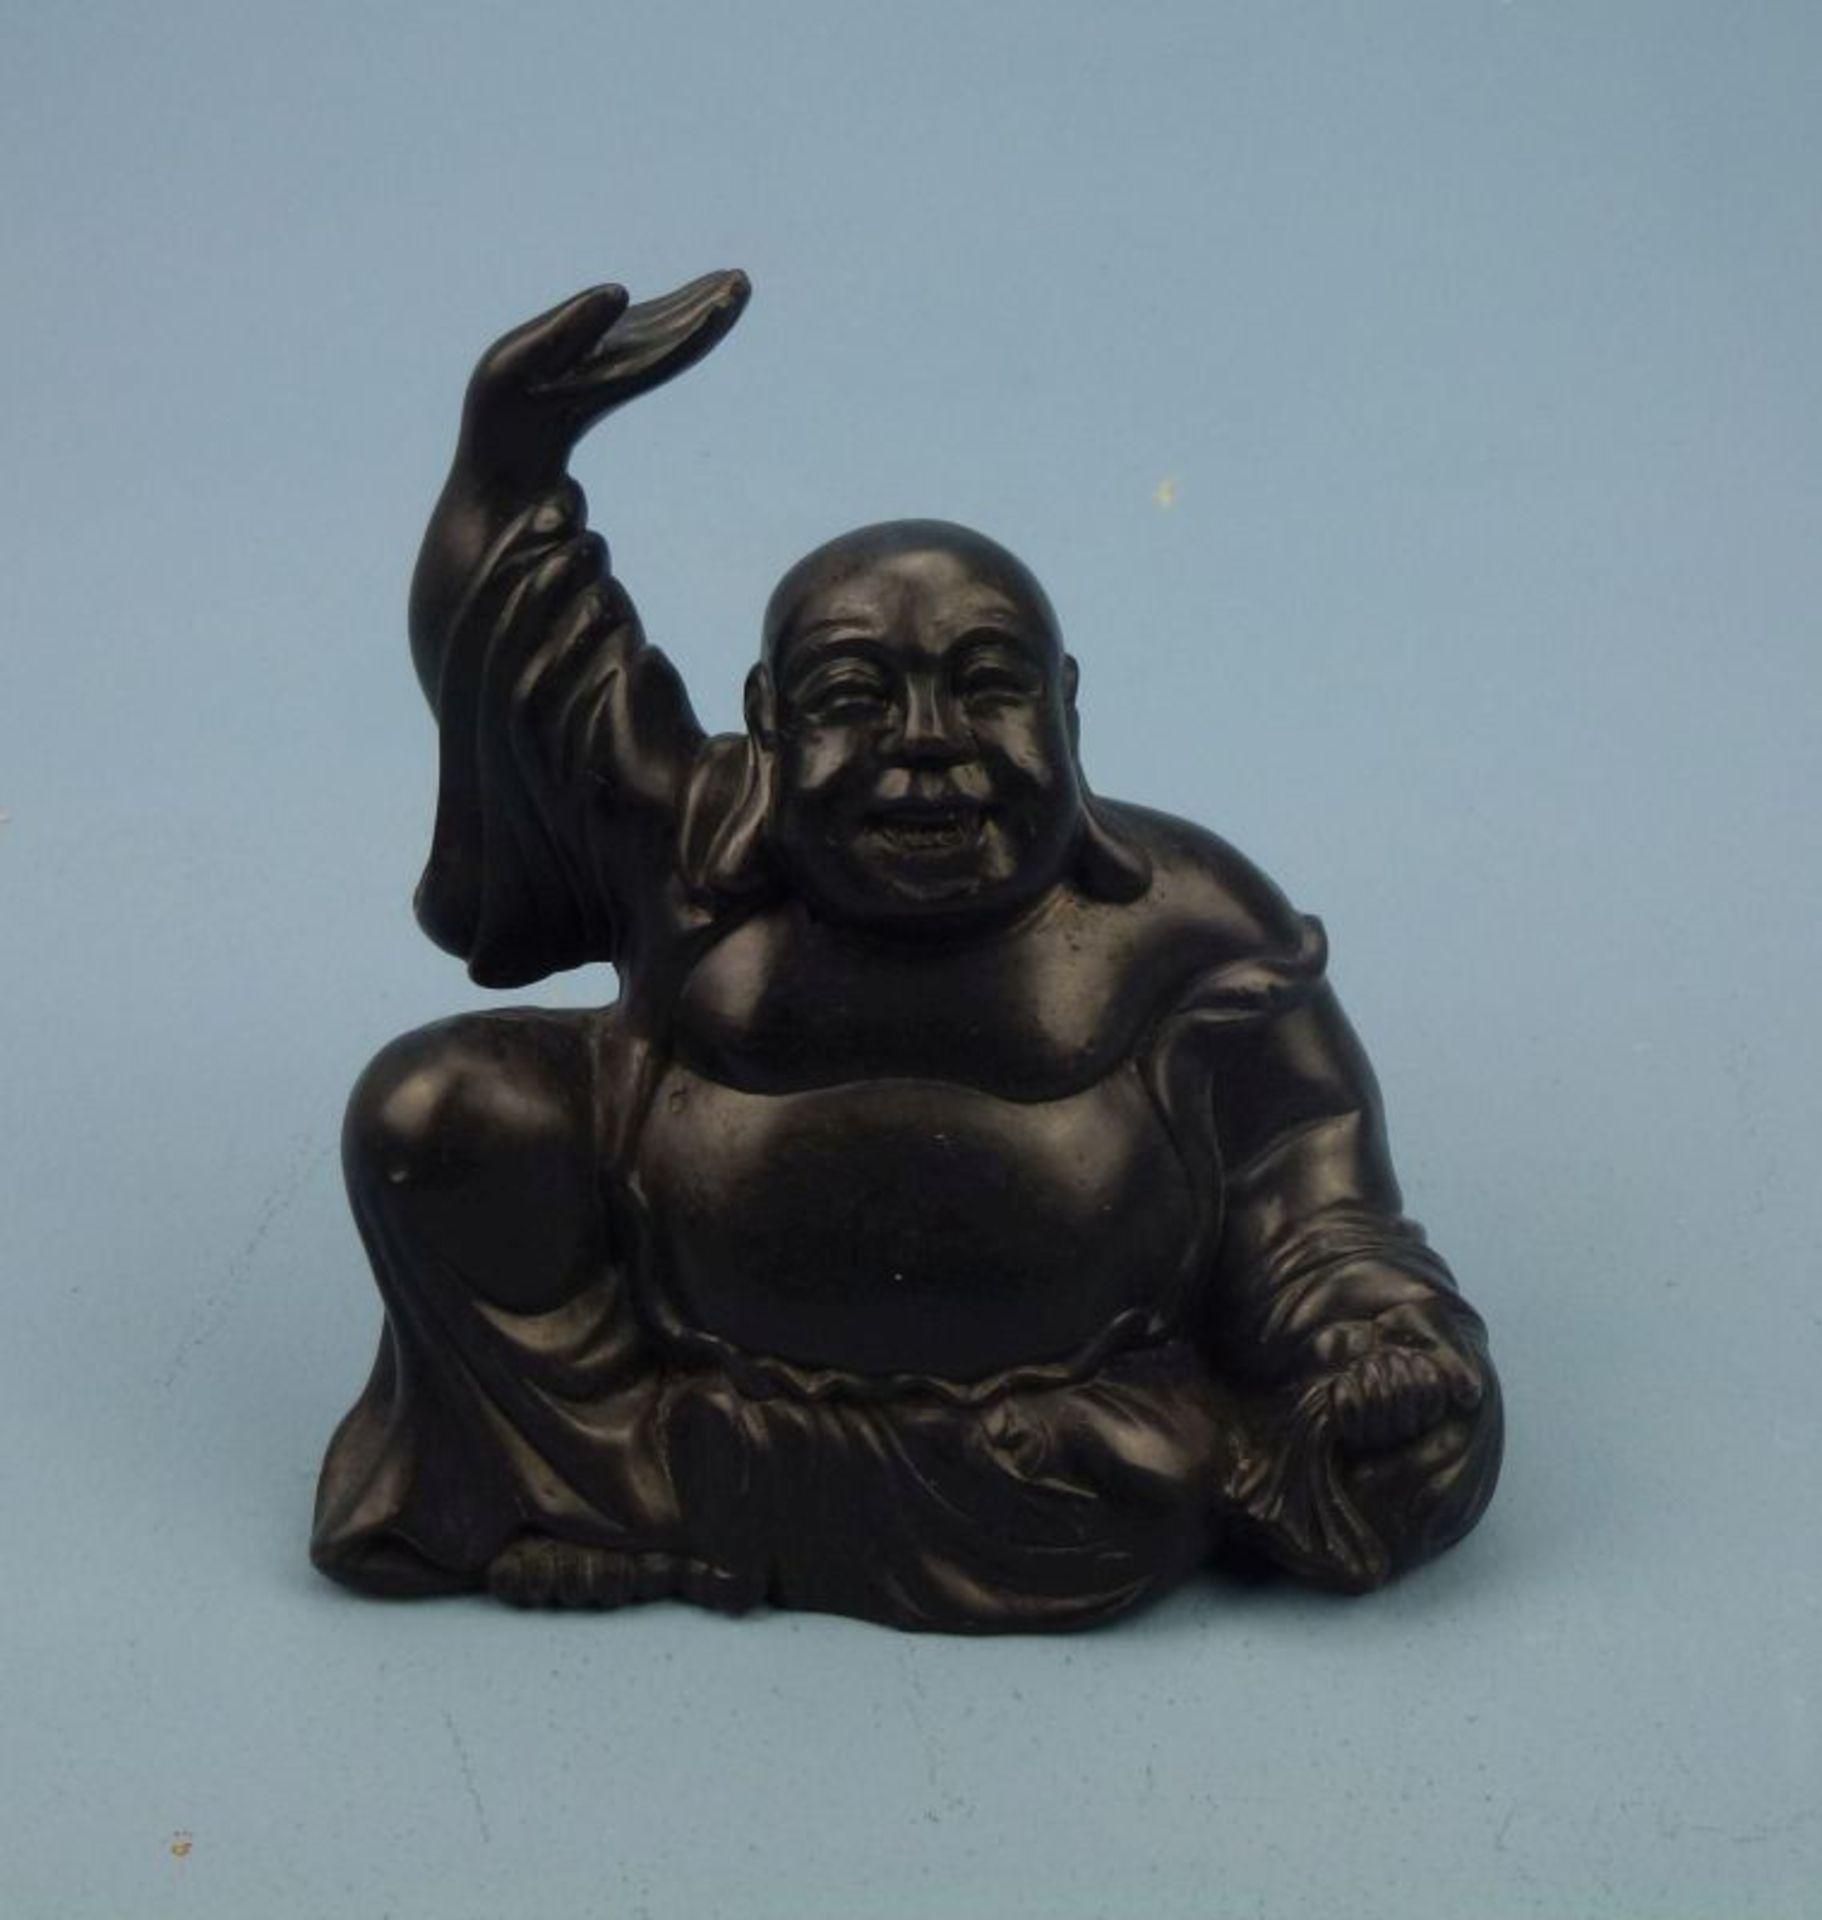 Los 11 - Budai BuddhaTon(?) schwarz lackiert, sitzender u. lachender dickbäuchiger Buddha m. über Kopf